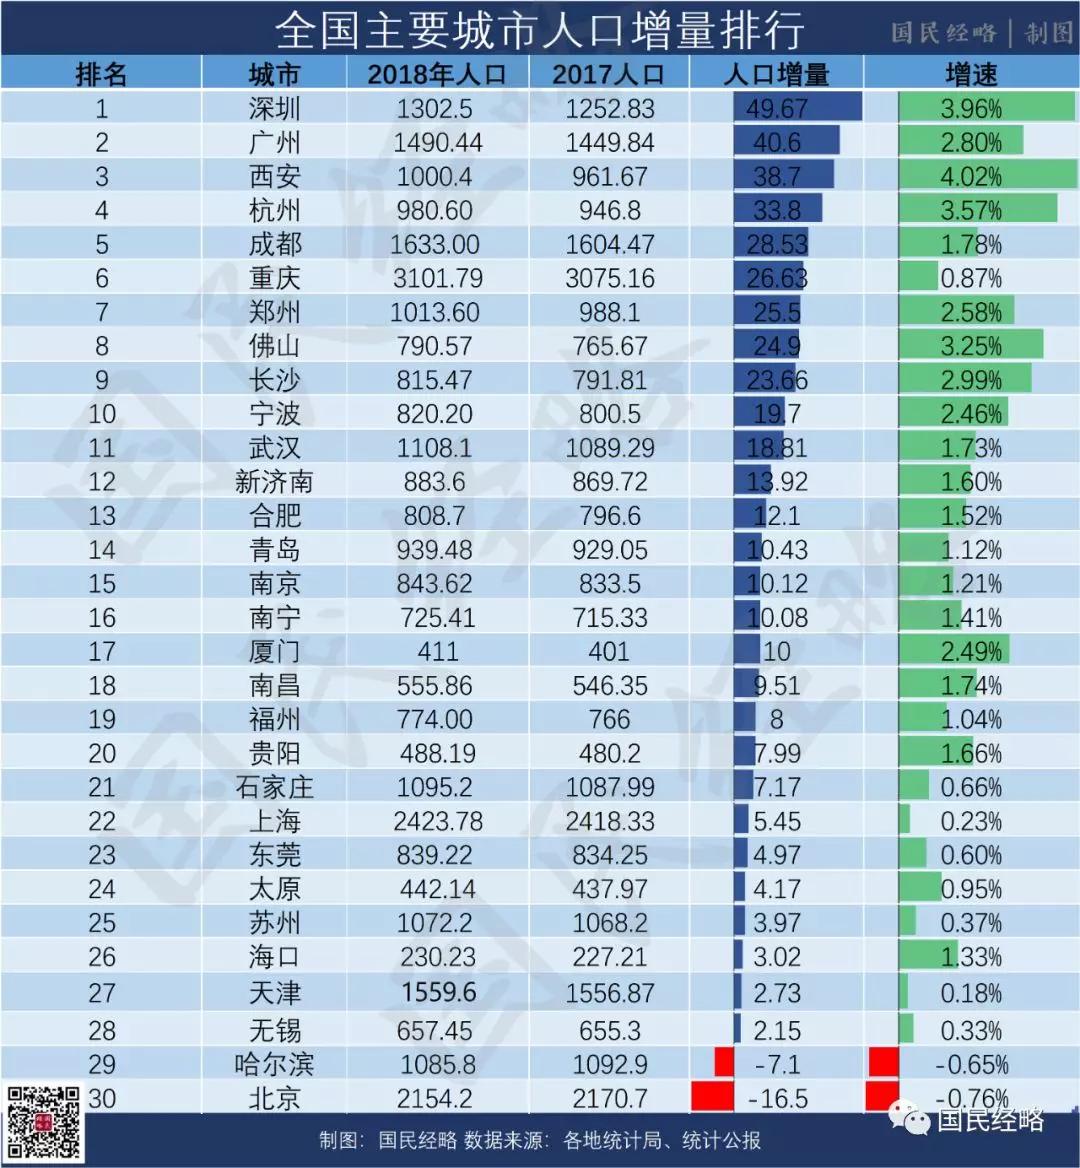 全国城市人口争夺战:广深霸榜,北京垫底,西安郑州长沙跻身前十